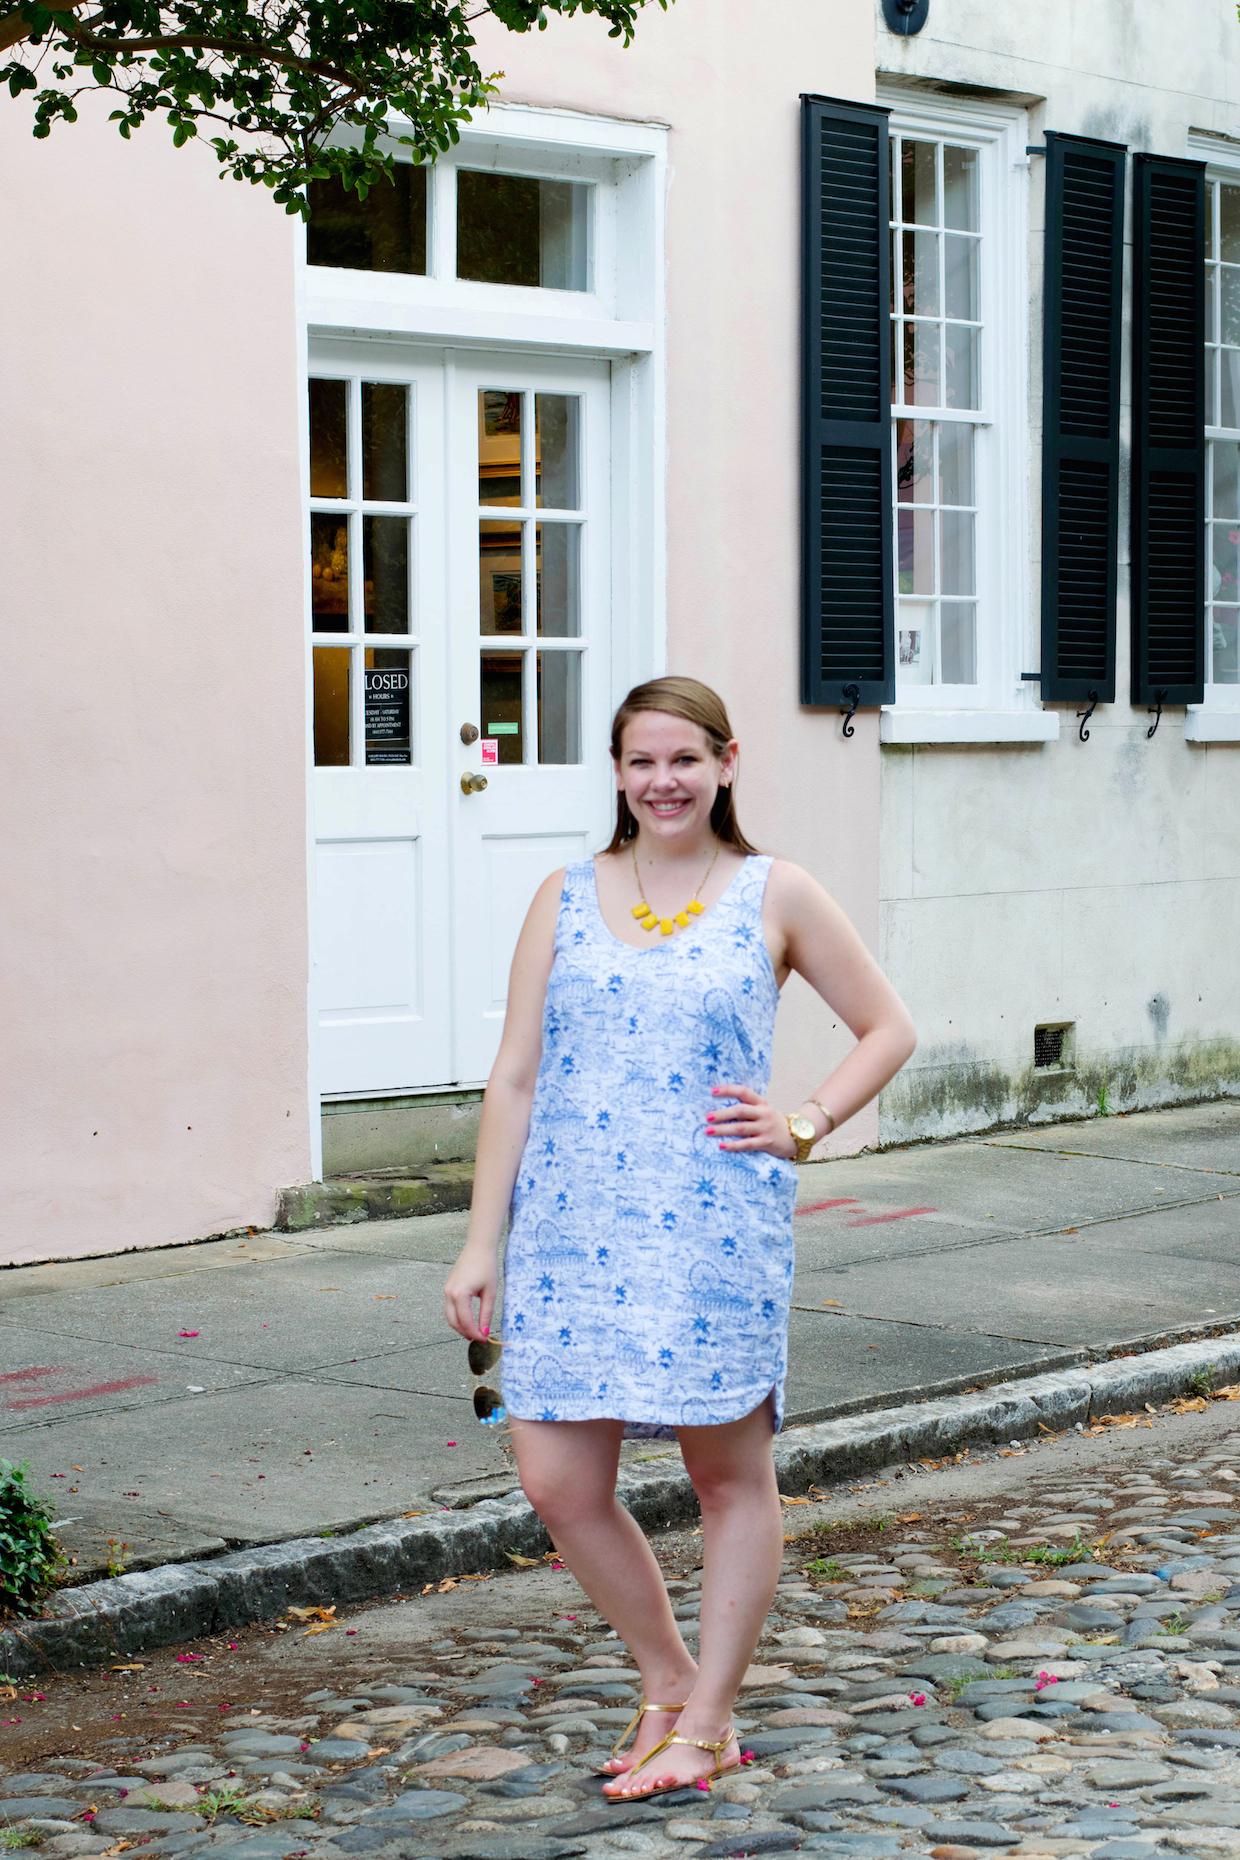 Summer Dress Shops